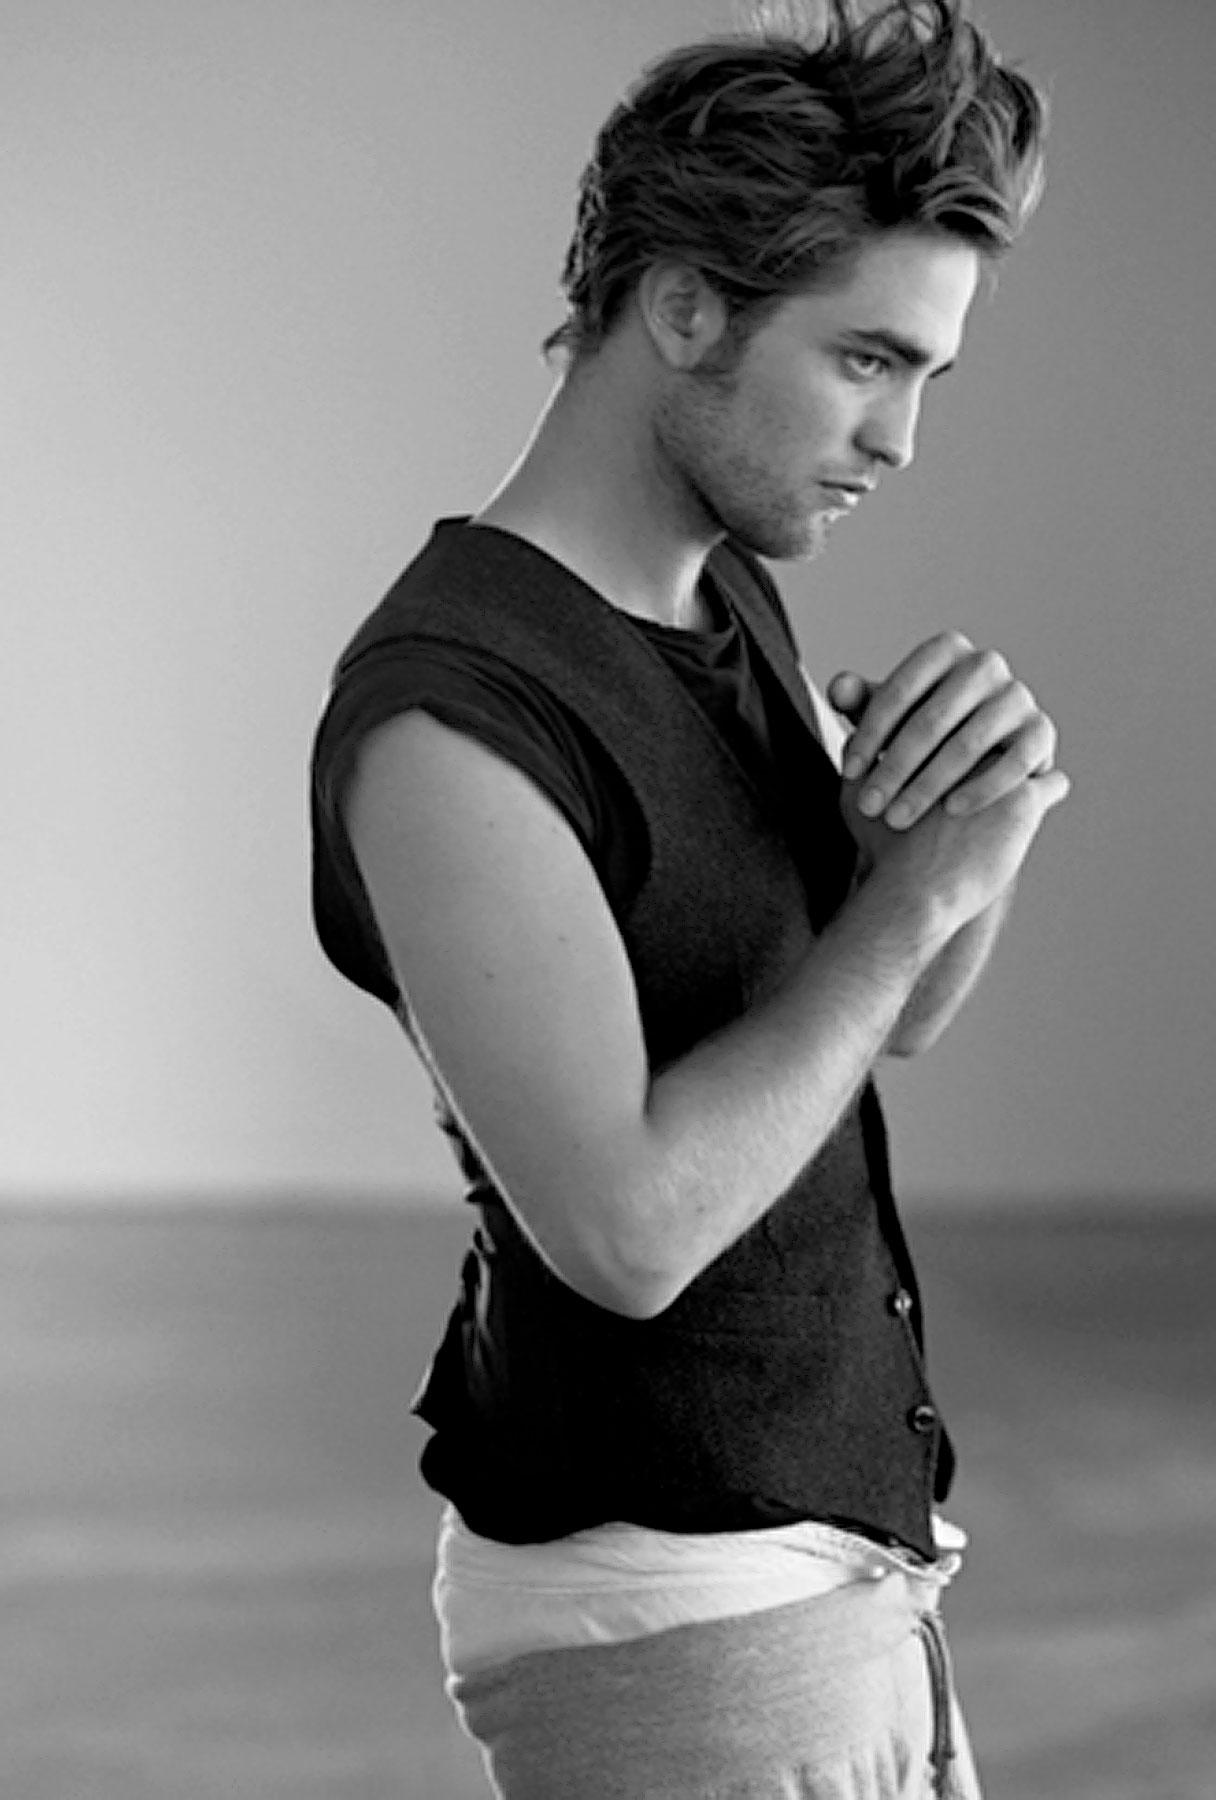 Robert Pattinson Is an Undie Superstar